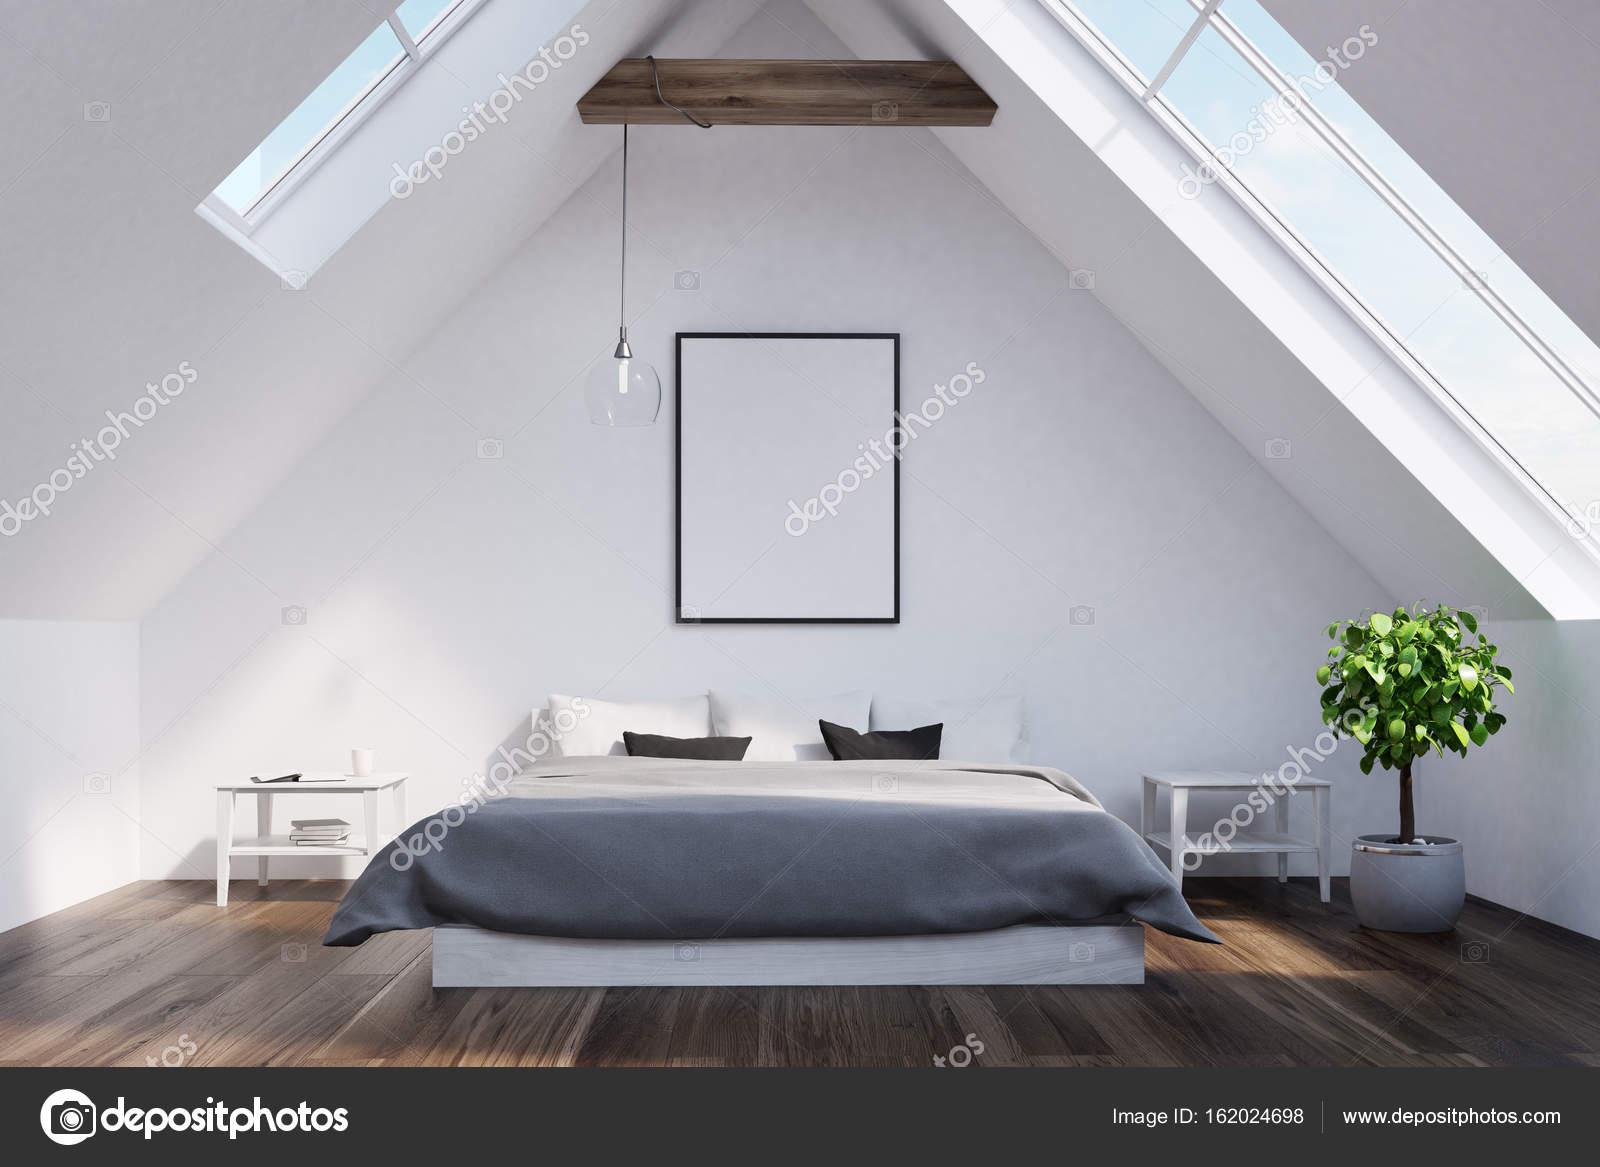 Dachgeschoss Schlafzimmer mit einem grauen Bett, Plakat — Stockfoto ...